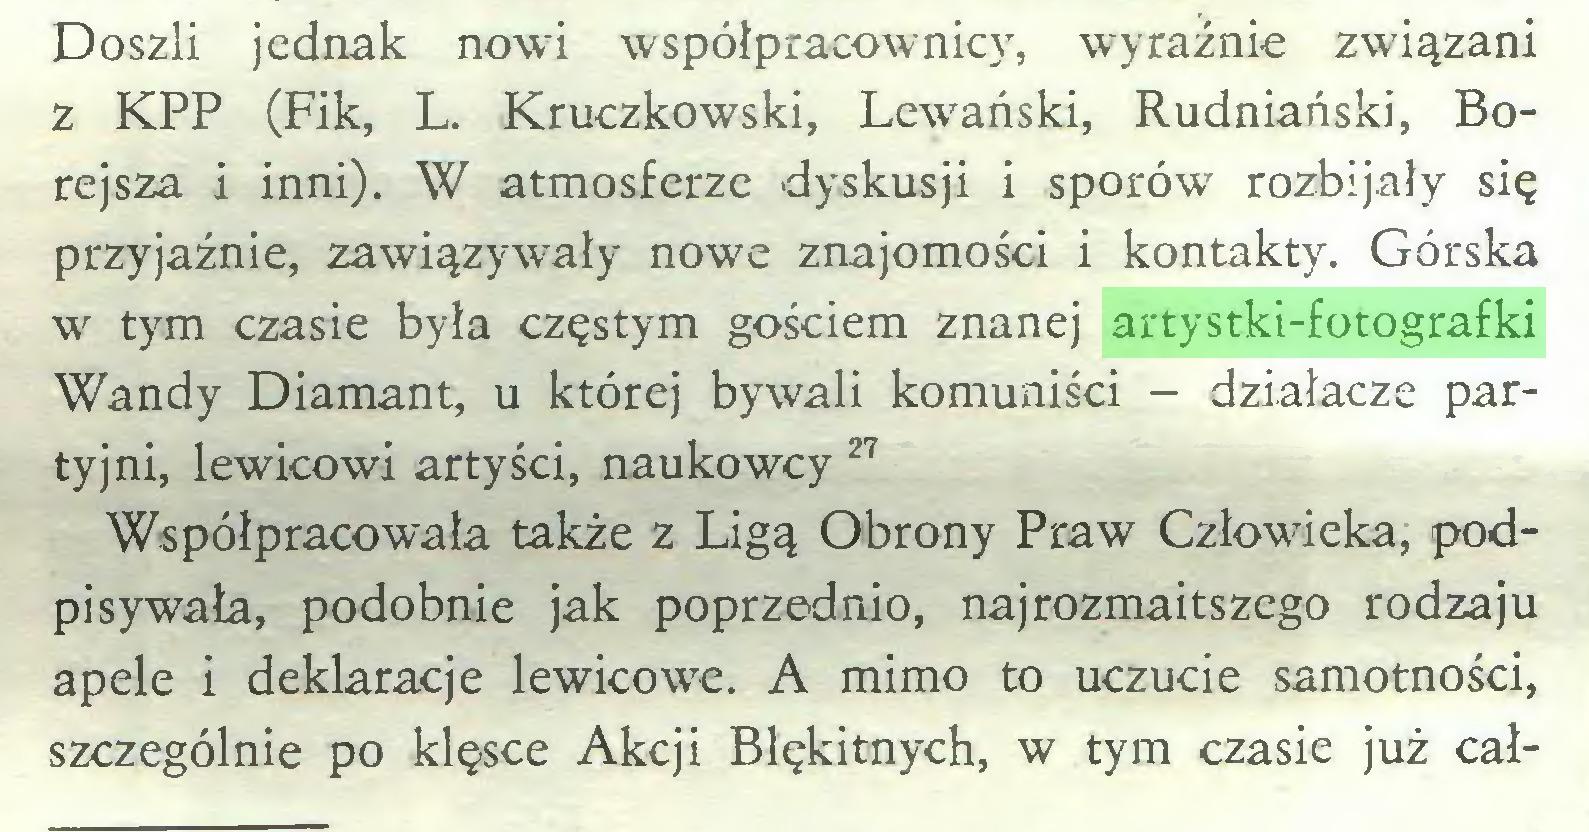 (...) Doszli jednak nowi współpracownic}', wyraźnie związani z KPP (Fik, L. Kruczkowski, Lewański, Rudniański, Borejsza i inni). W atmosferze dyskusji i sporów rozbijały się przyjaźnie, zawiązywały nowe znajomości i kontakty. Górska w tym czasie była częstym gościem znanej artystki-fotografki Wandy Diamant, u której bywali komuniści - działacze partyjni, lewicowi artyści, naukowcy 27 Współpracowała także z Ligą Obrony Praw Człowieka, podpisywała, podobnie jak poprzednio, najrozmaitszego rodzaju apele i deklaracje lewicowe. A mimo to uczucie samotności, szczególnie po klęsce Akcji Błękitnych, w tym czasie już cał...